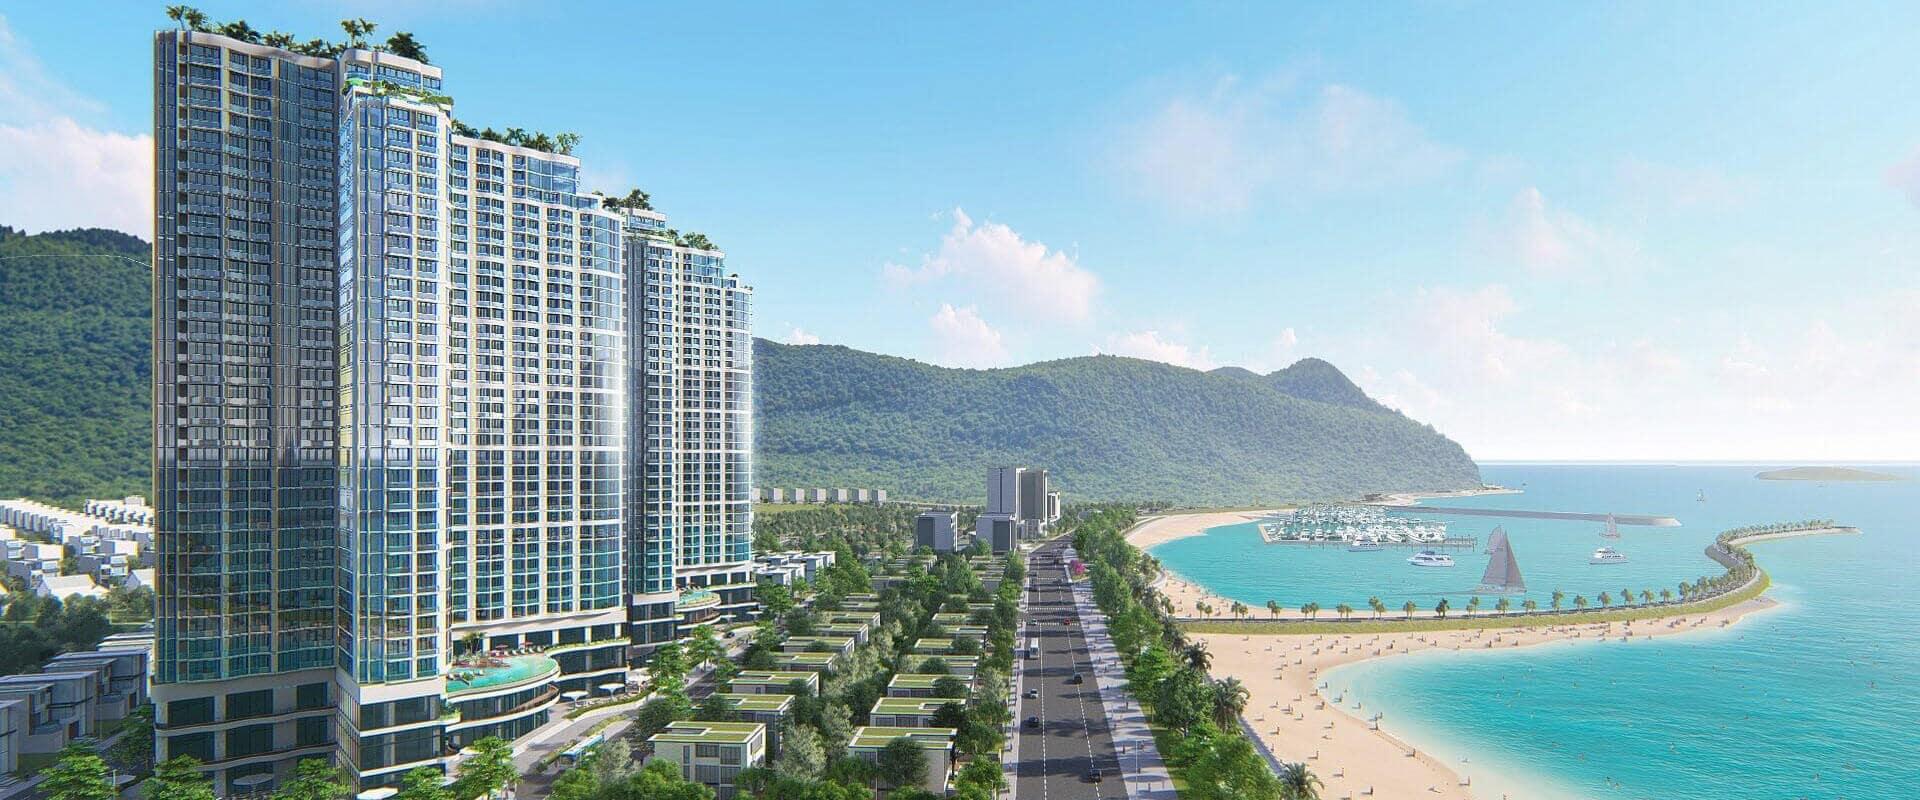 Phoi-canh-crystal-marina-bay-nha-trang